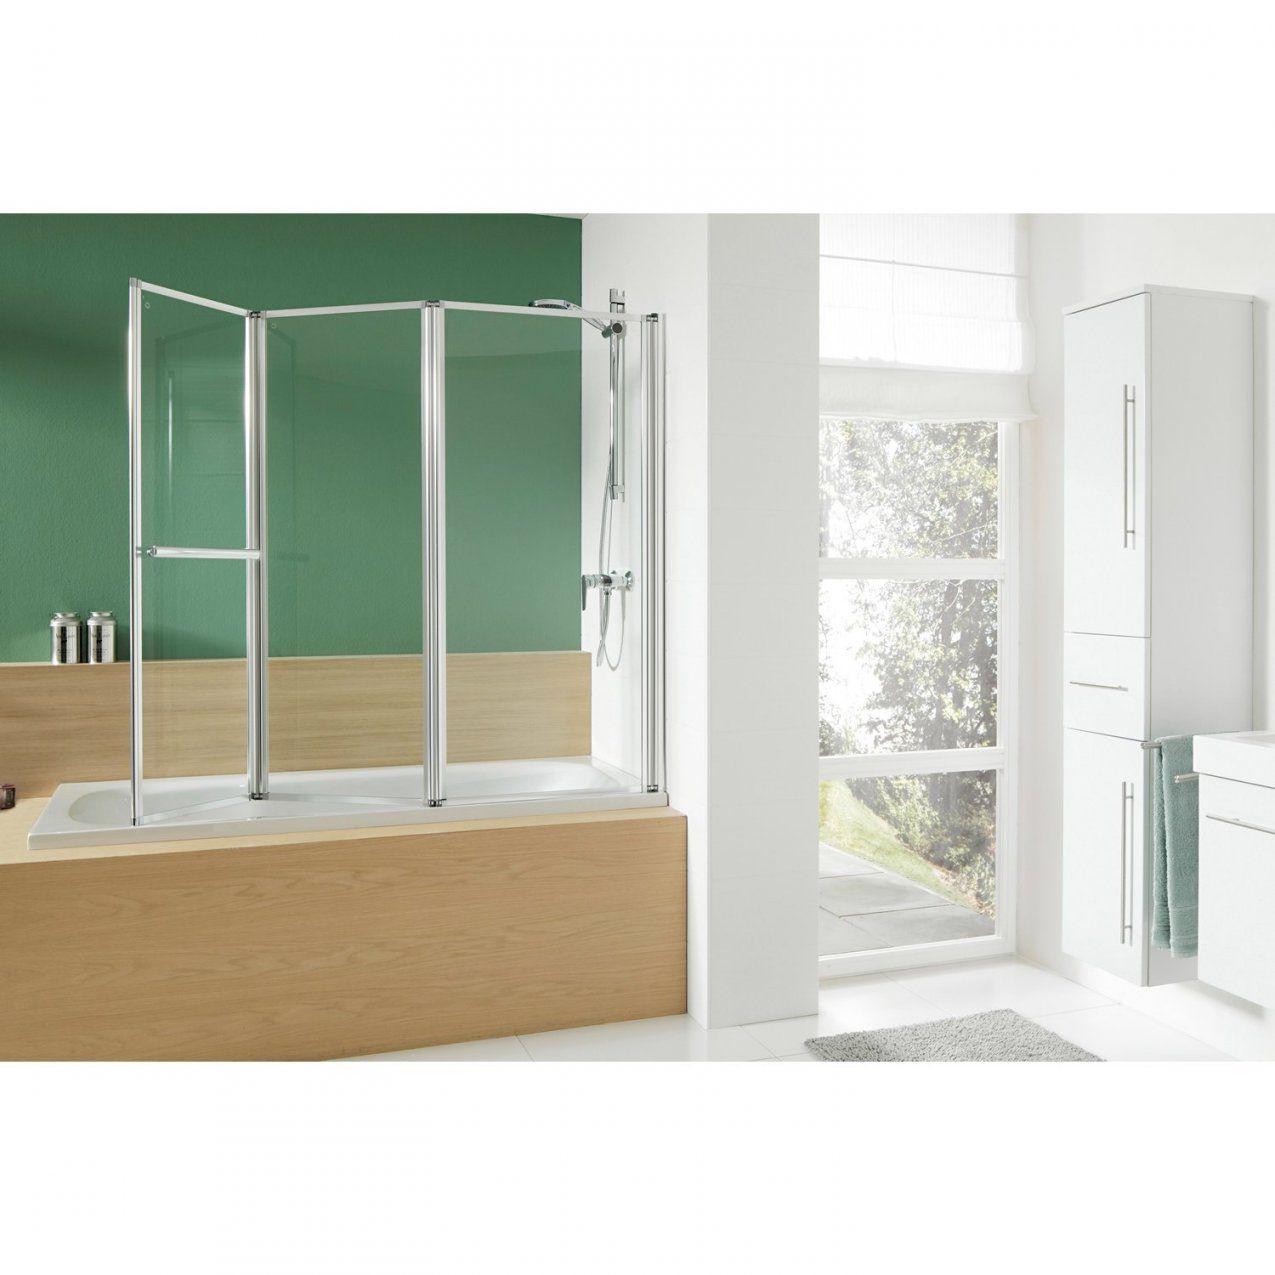 Obi Badewannenaufsatz Mit Handtuchhalter Von Duschwand Fur Badewanne Obi Photo Handtuchhalter Duschwand Fur Badewanne Duschwand